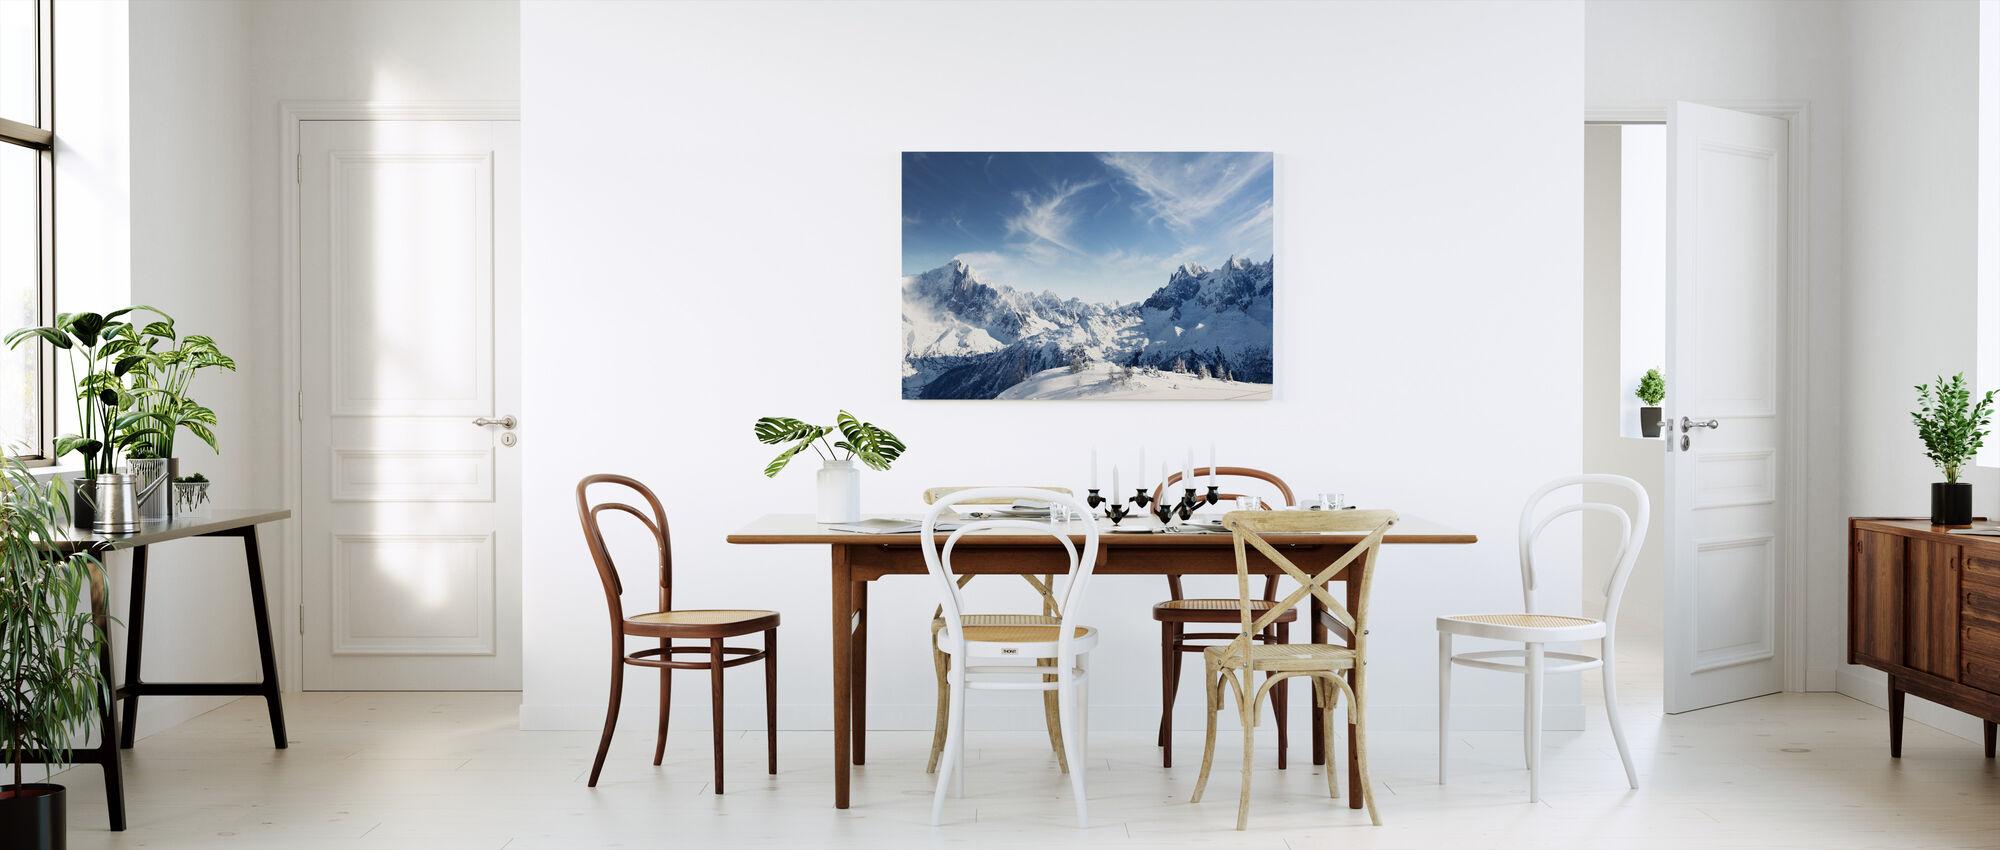 Aurinkoiset Alpit Chamonix - Canvastaulu - Keittiö